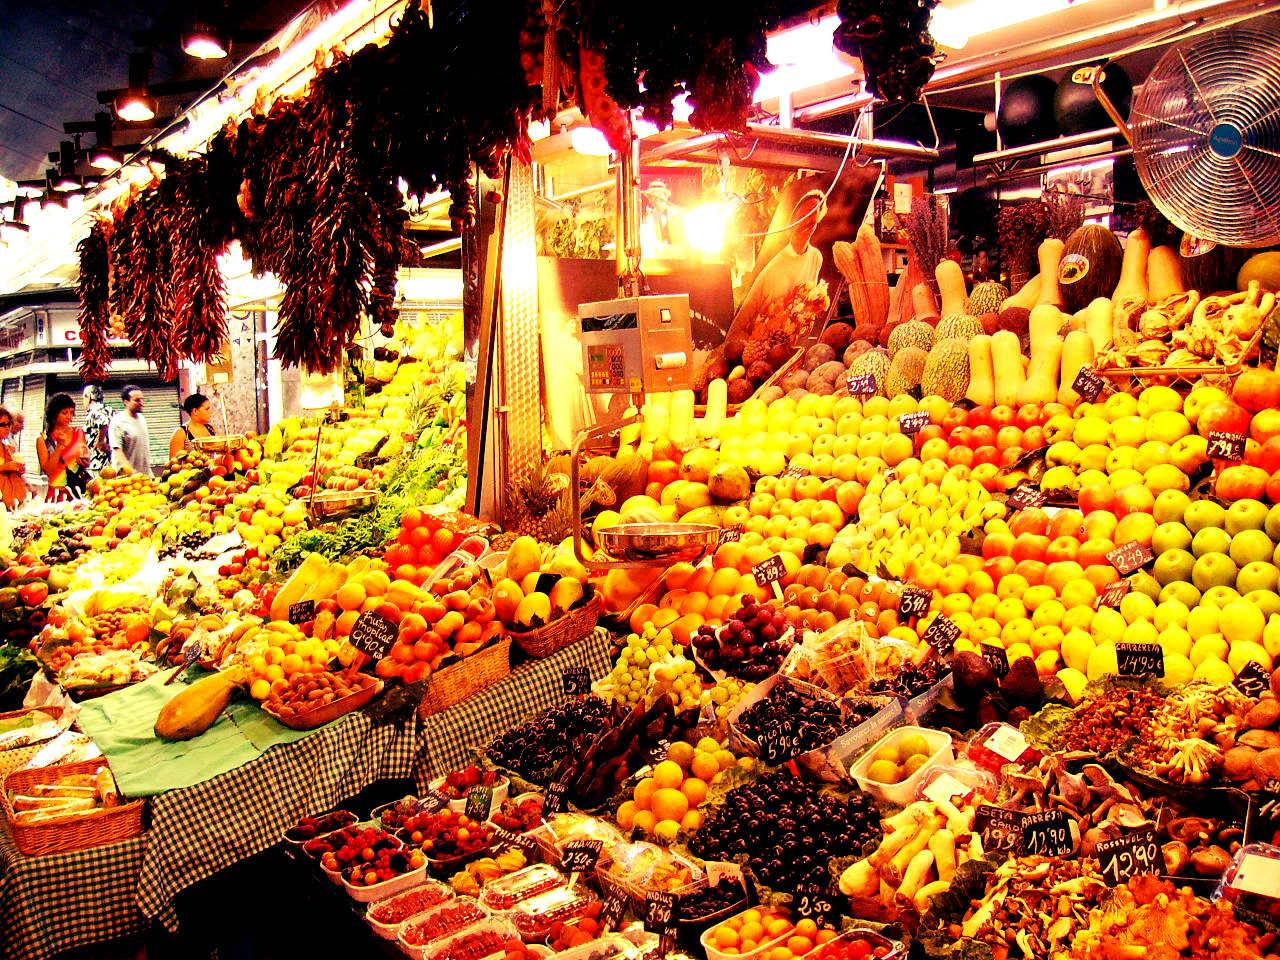 La ruta del mercado: La boquería por Victor J. Moreno